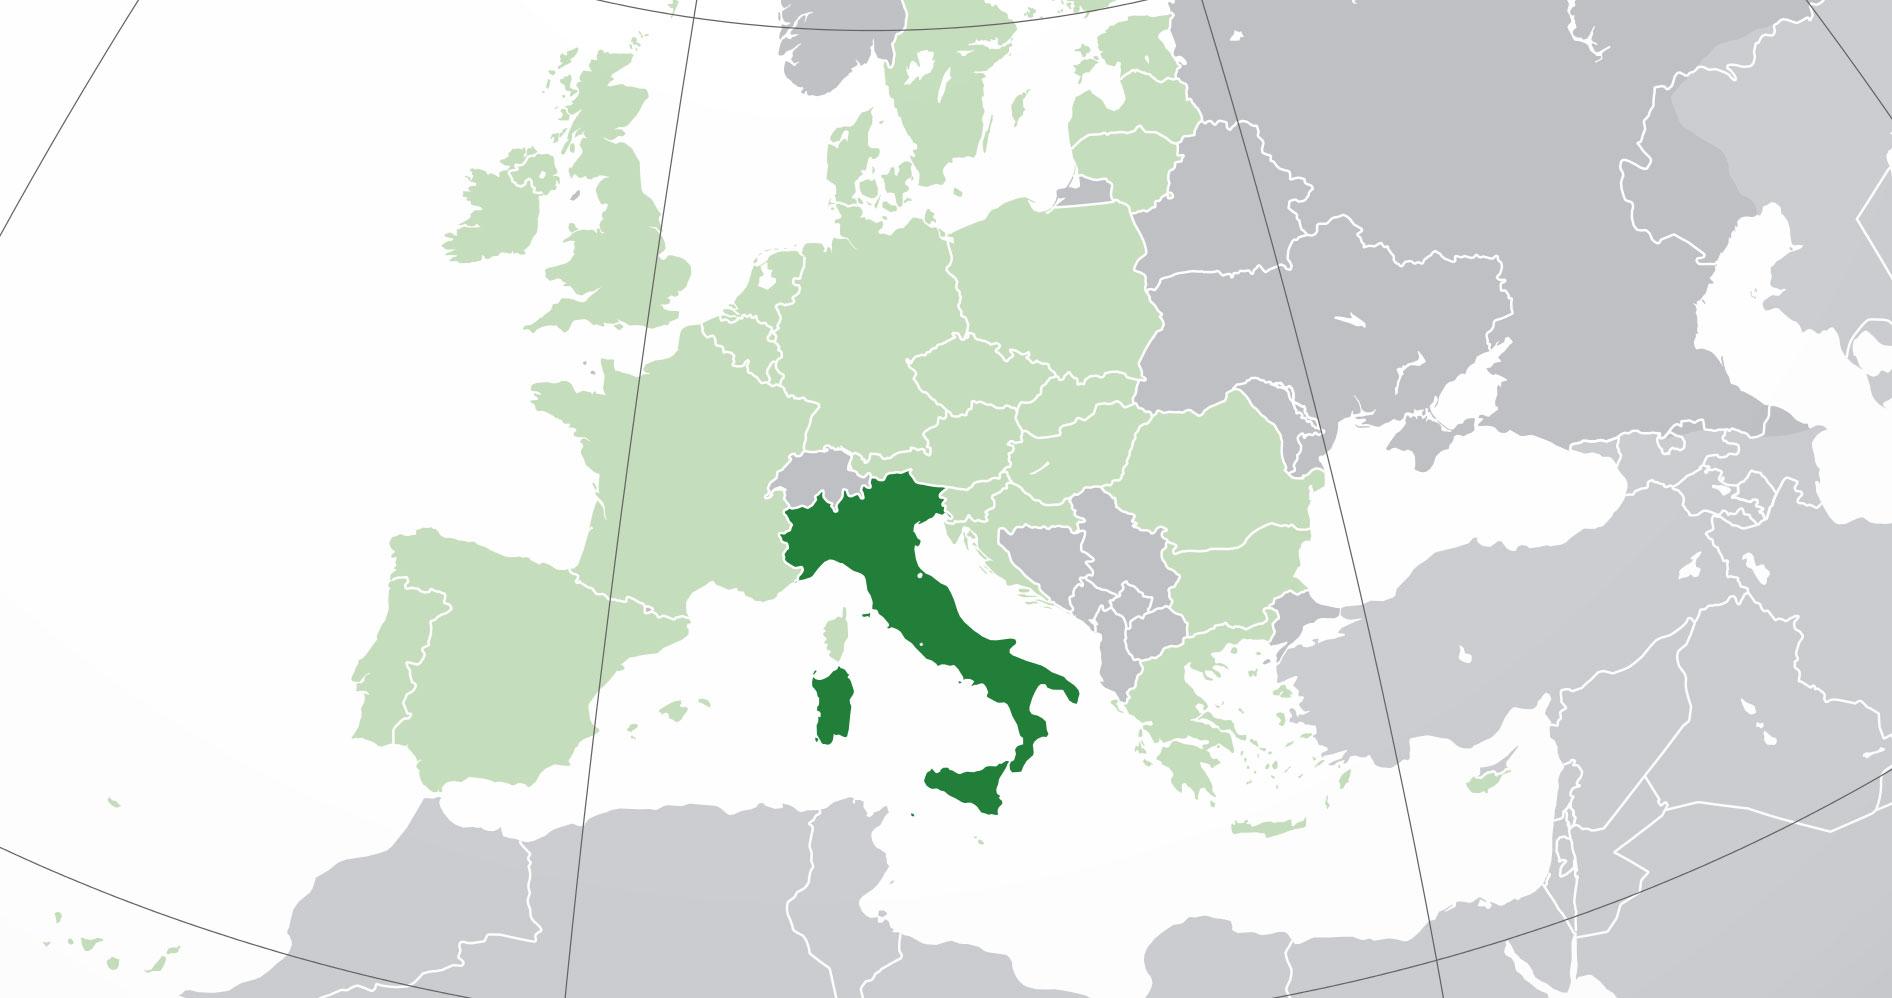 mapa mundo italia Mapa de Italia, donde está, queda, país, encuentra, localización  mapa mundo italia